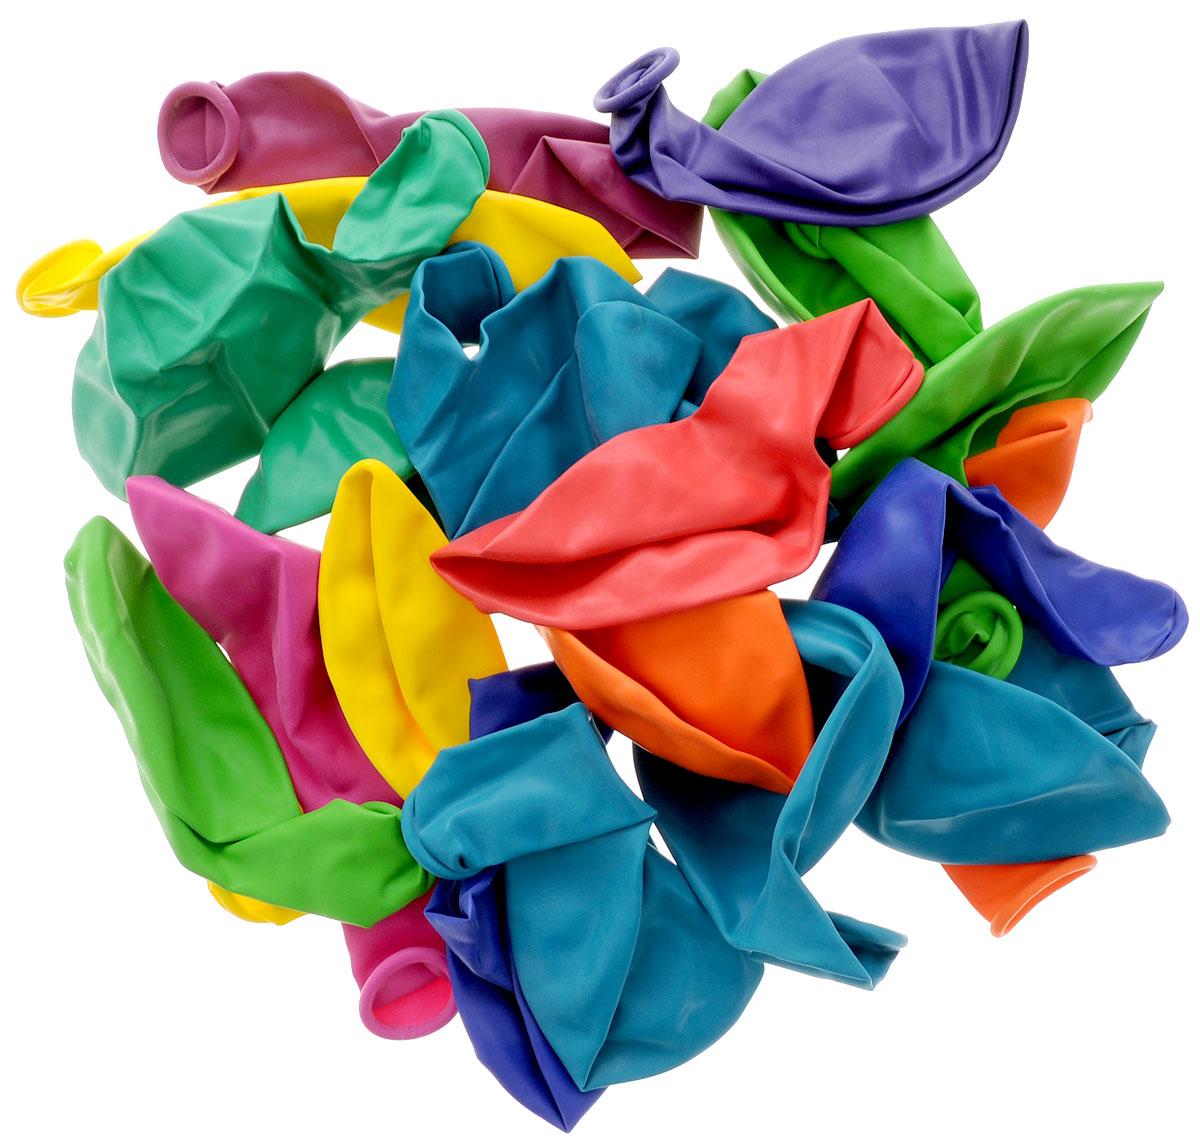 Набор разноцветных латексных шариков - высочайшего качества. Прочные шары округлой формы разного цвета и без рисунков. Свадьба, день рождения, или просто признание в любви - воздушные шарики сделают любое событие незабываемым! Эти яркие праздничные аксессуары поднимут настроение вам и вашим гостям! Набор содержит 20 разноцветных шаров.